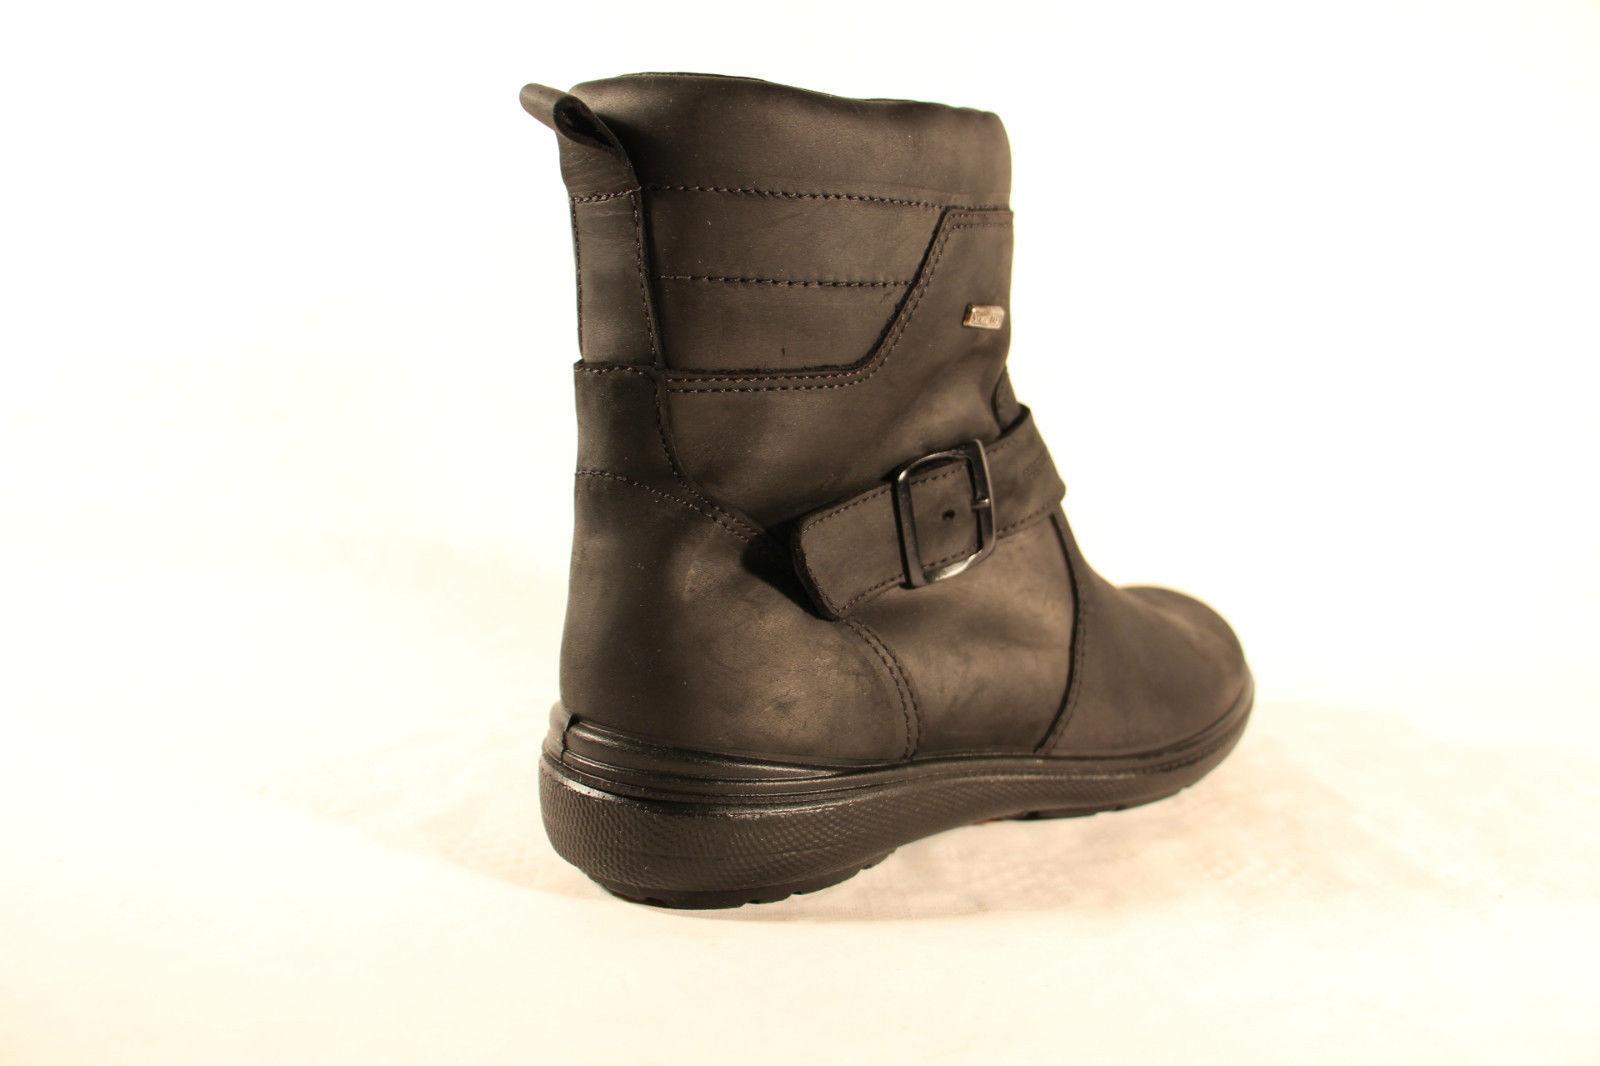 jomos damen stiefeletten boots winterstiefel schwarz sympatex 806805 neu kaufen bei schuh. Black Bedroom Furniture Sets. Home Design Ideas